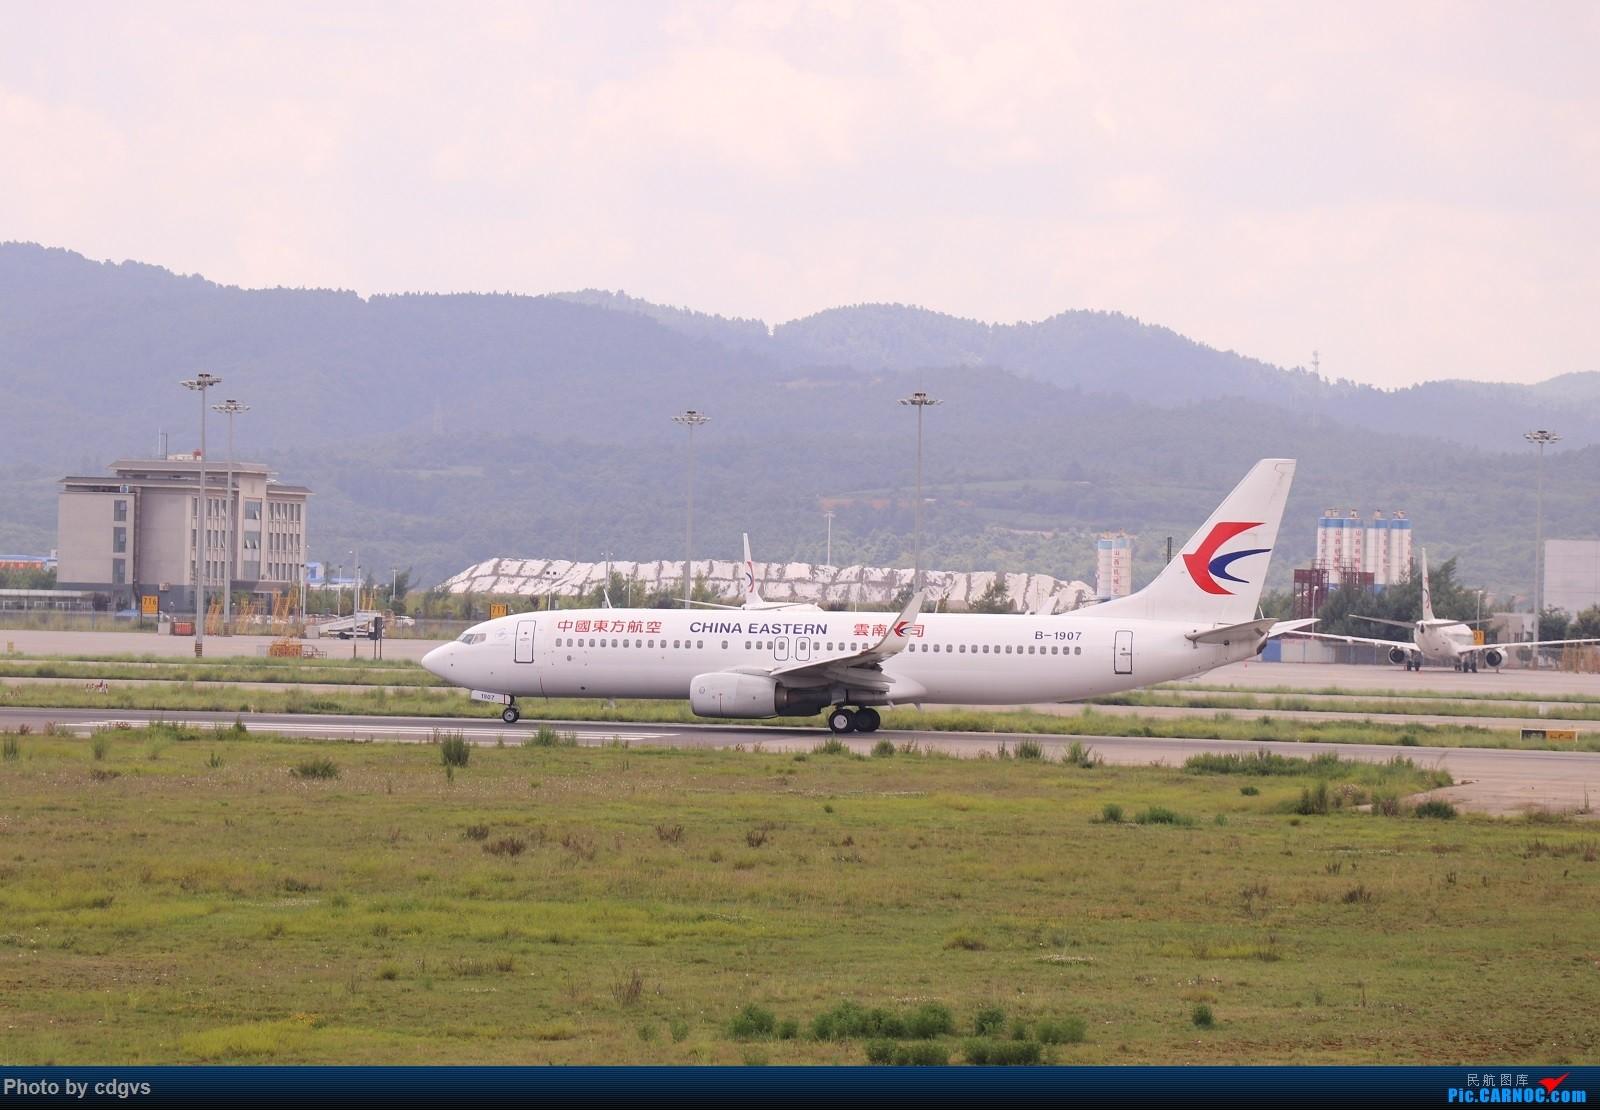 Re:[原创]【KMG】昆明的一天 1600大图 一次看个爽 BOEING 737-800 B-1907 中国昆明长水国际机场